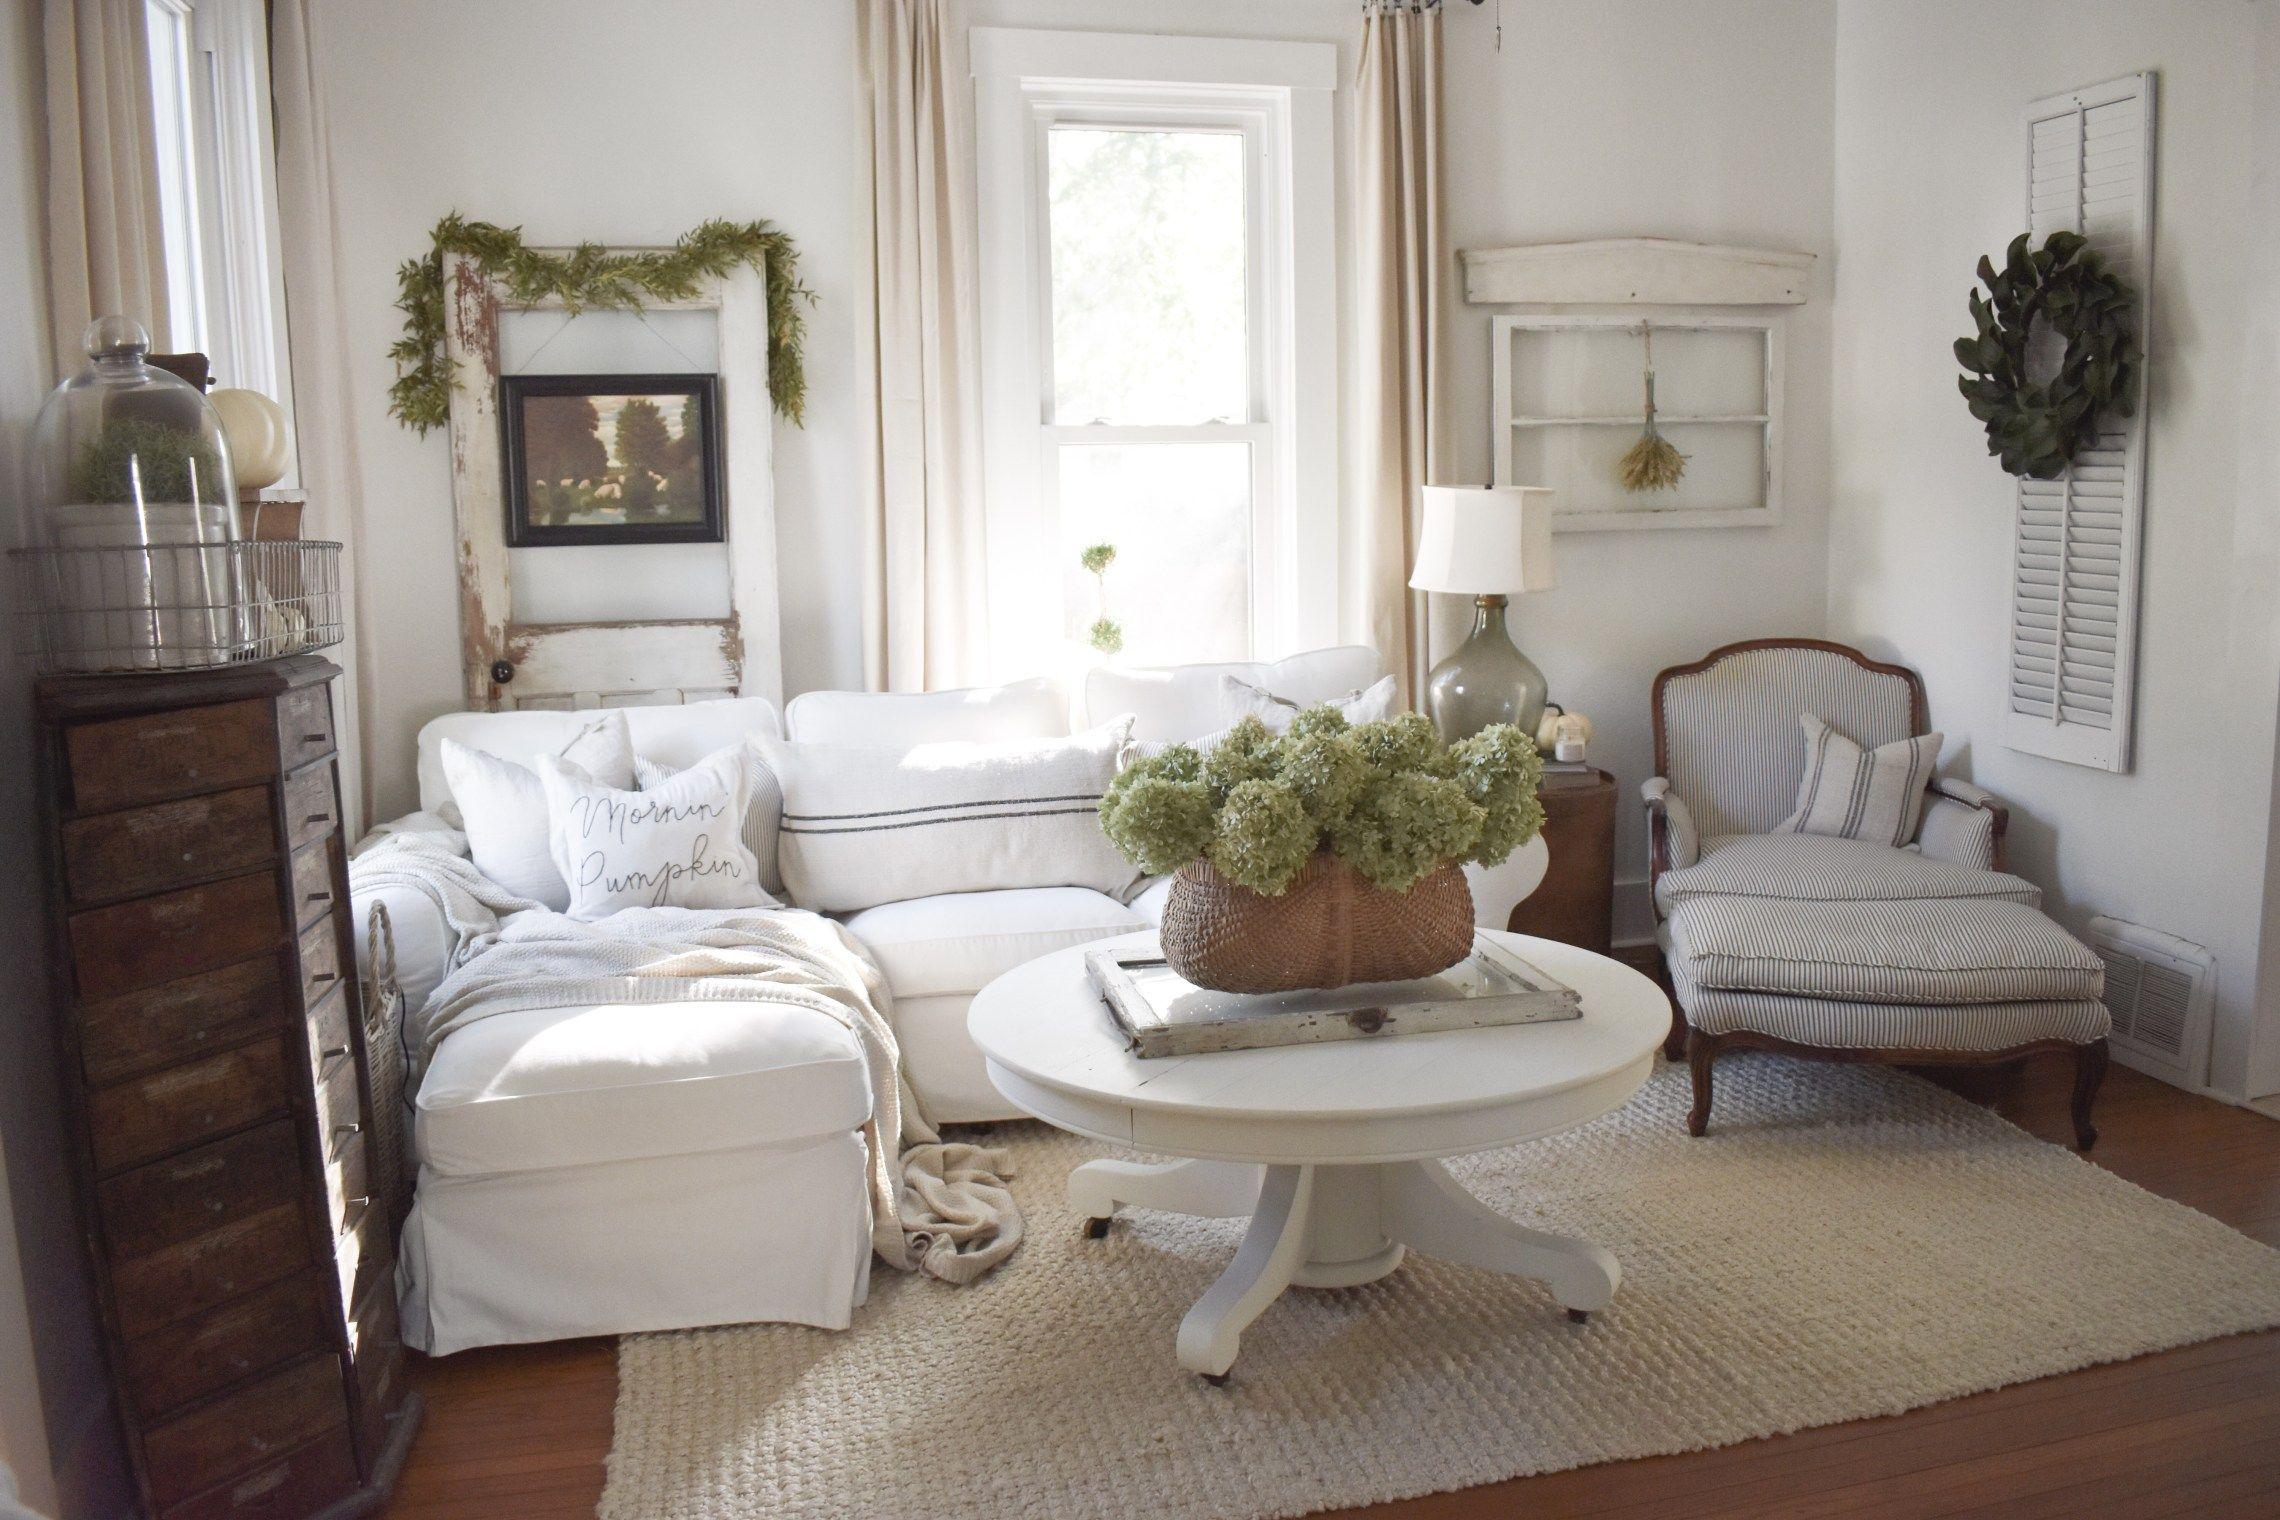 IKEA EKTORP Sofa Review | Living room furniture, Ektorp ...